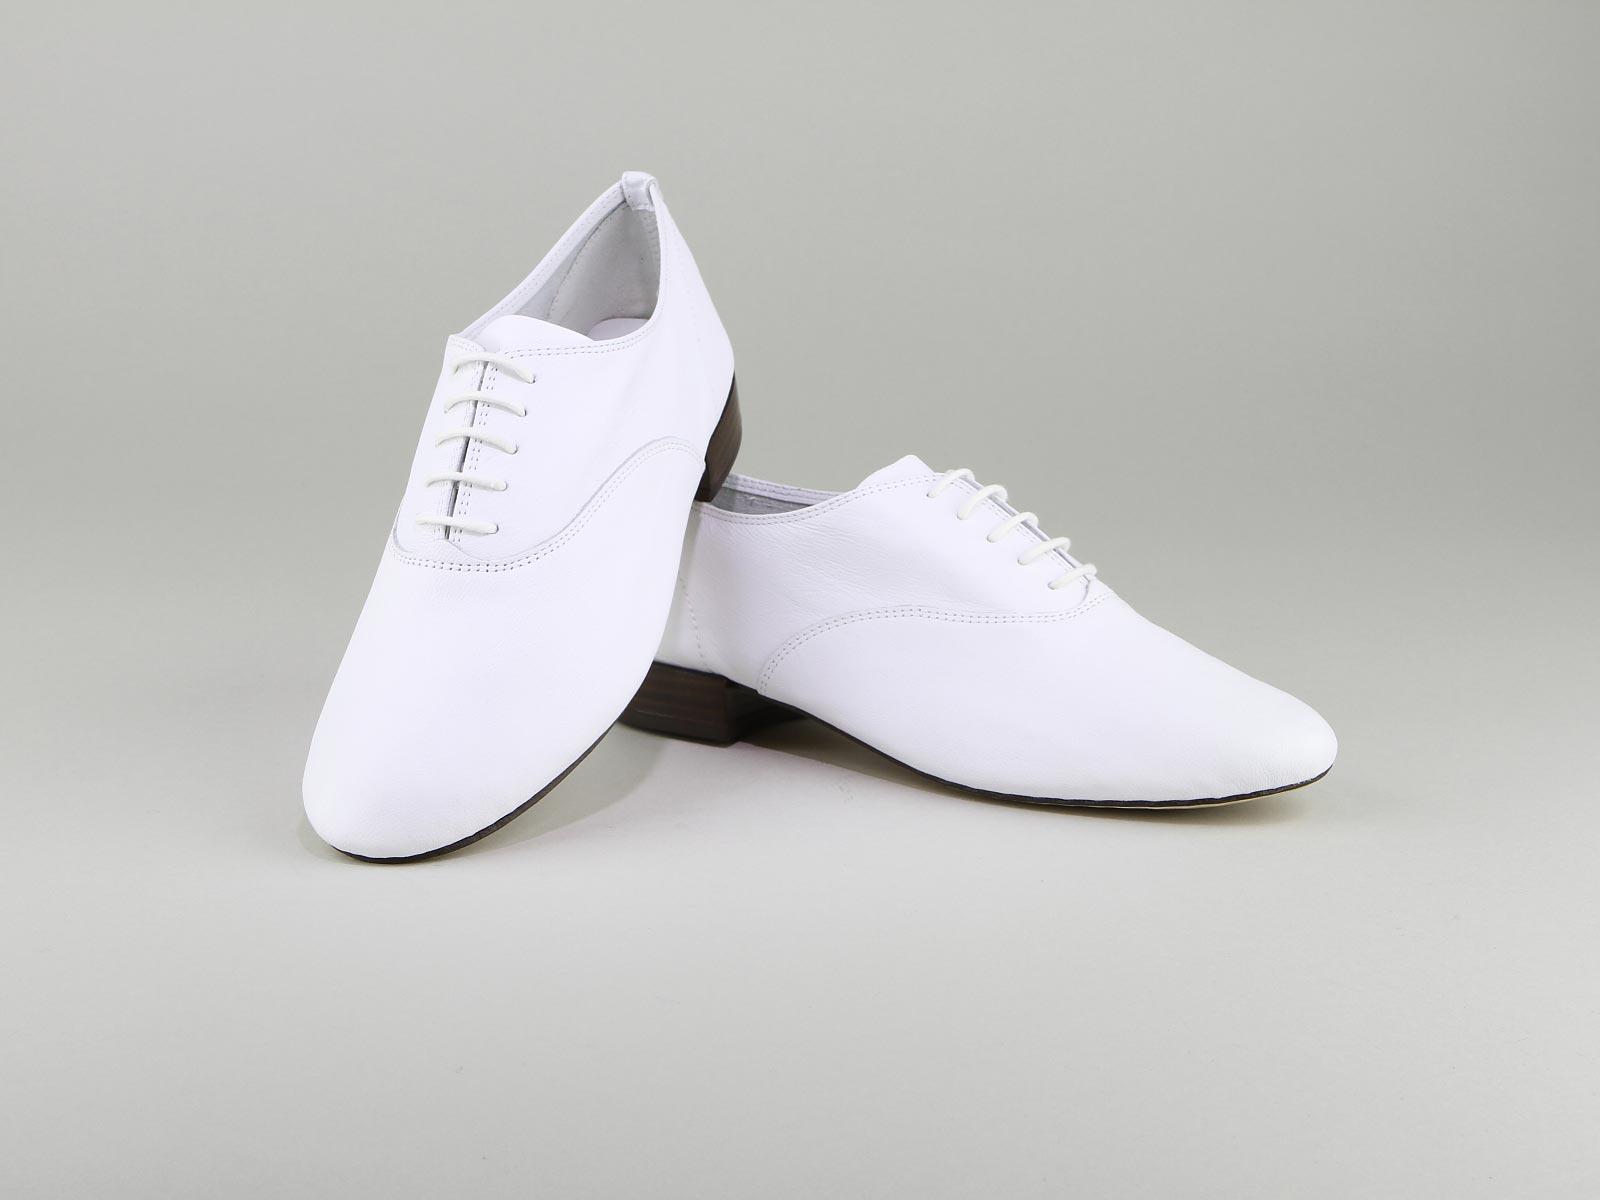 Chaussures repetto zizi